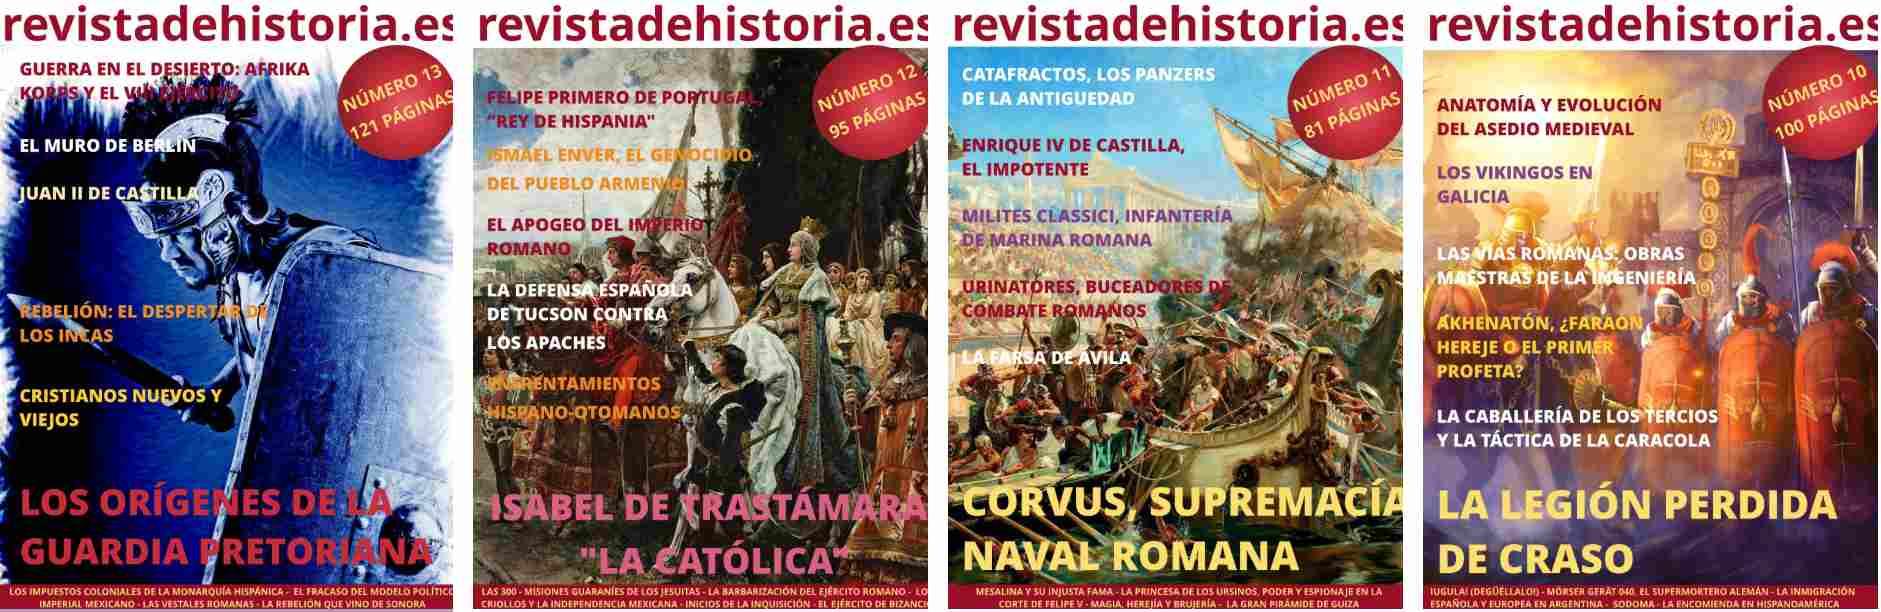 12 Revistas digitales de Historia durante un año